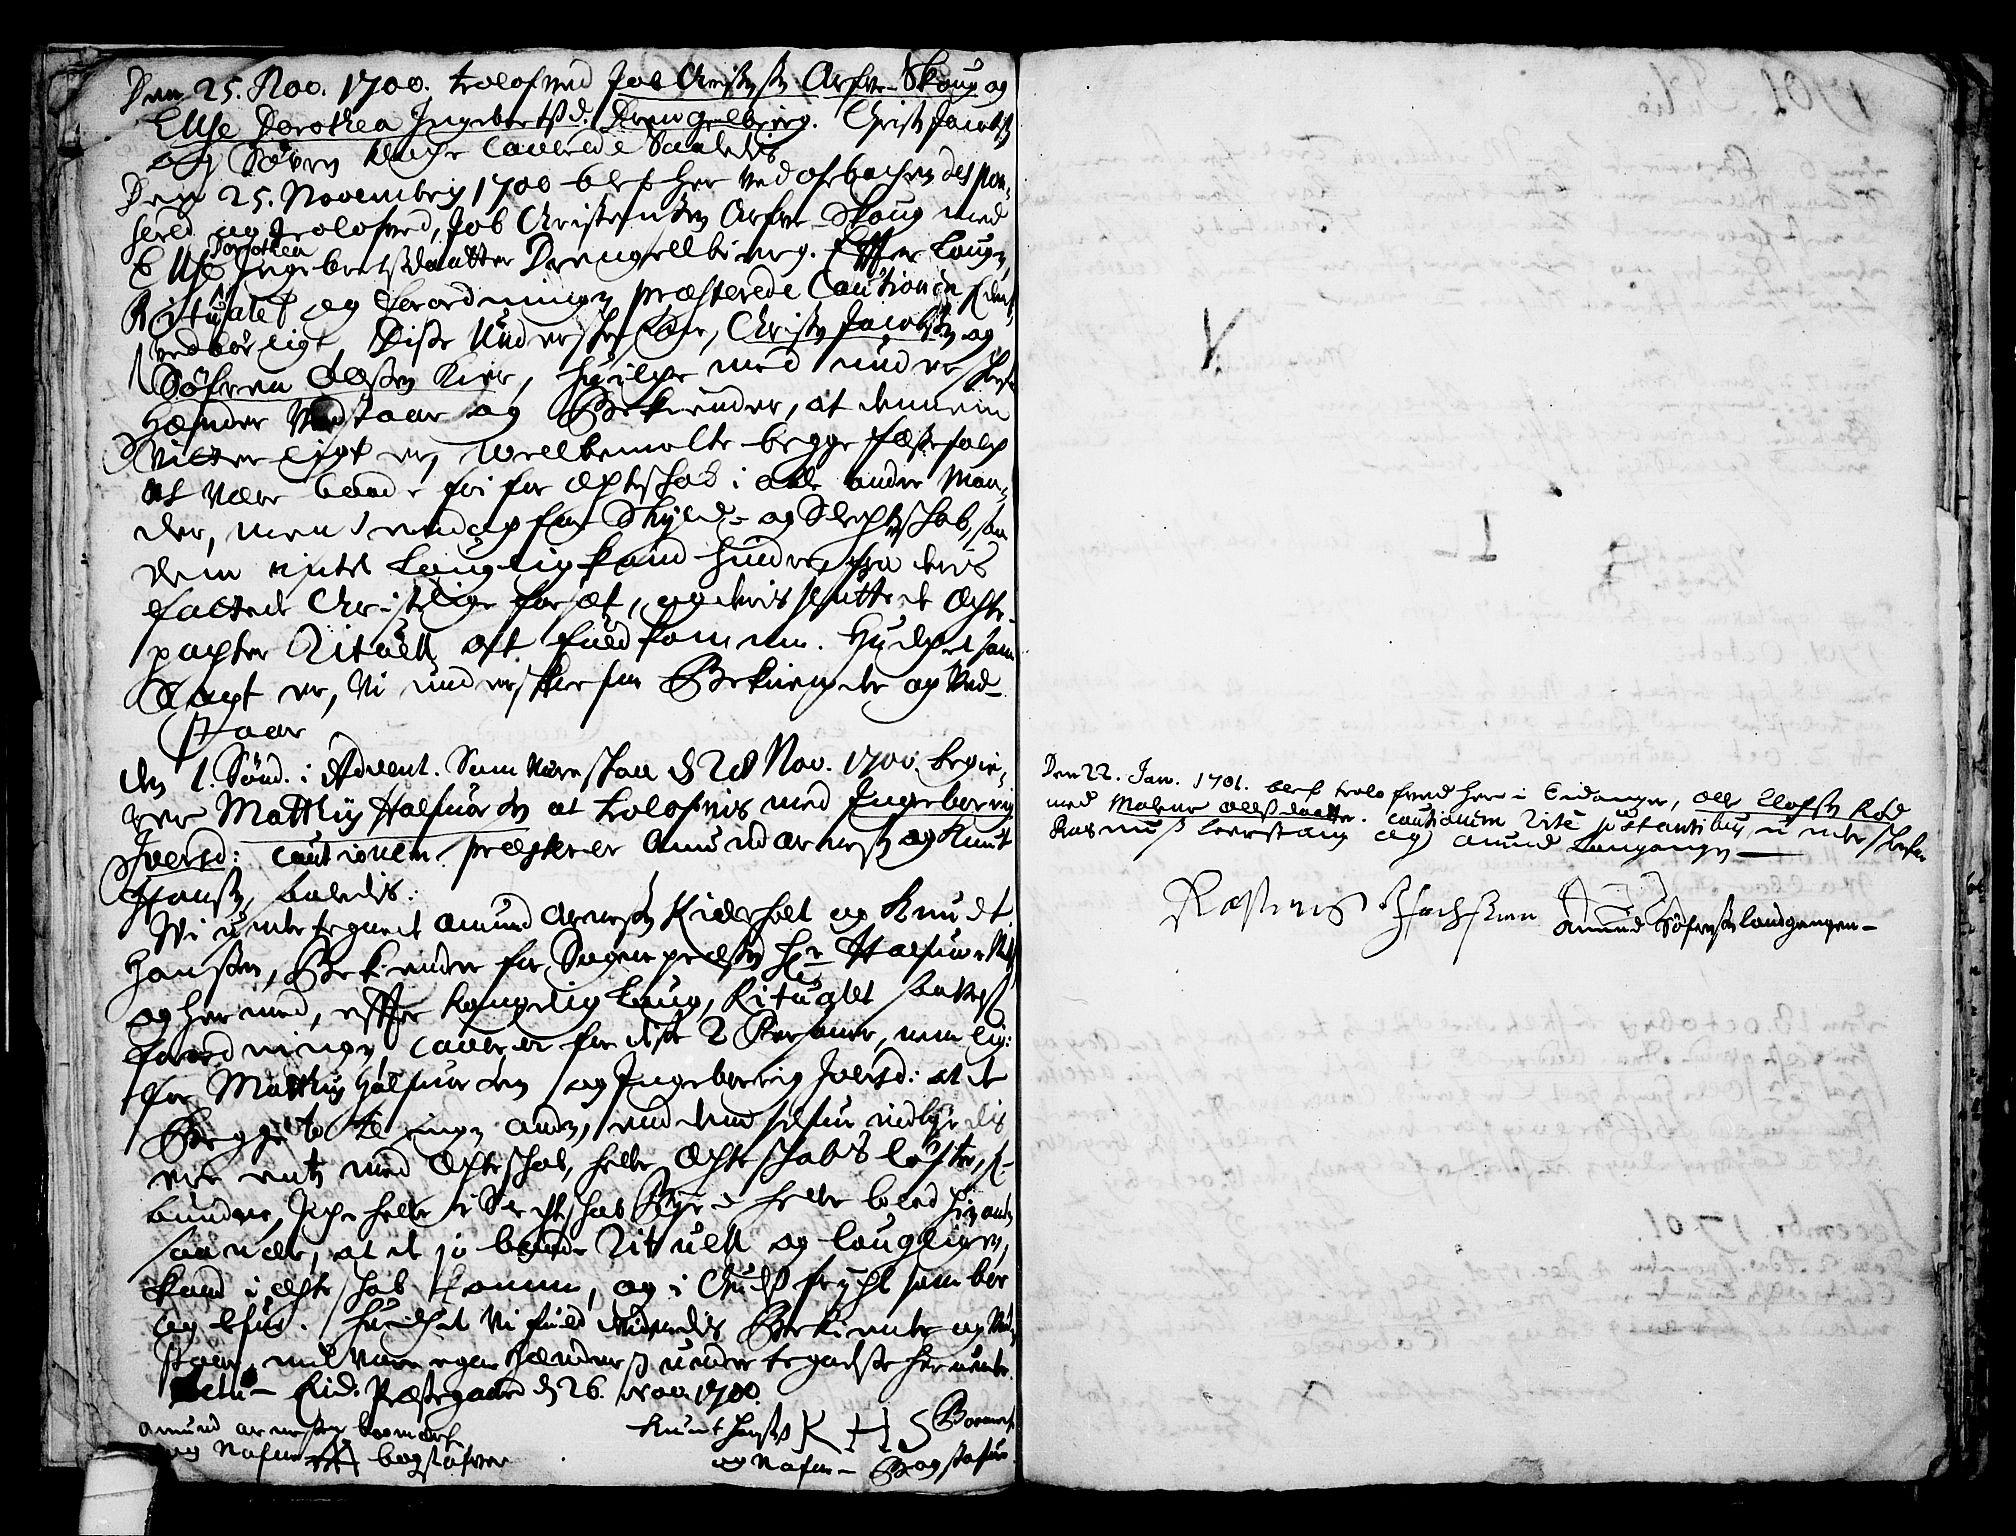 SAKO, Eidanger kirkebøker, F/Fa/L0001: Ministerialbok nr. 1, 1695-1717, s. 17